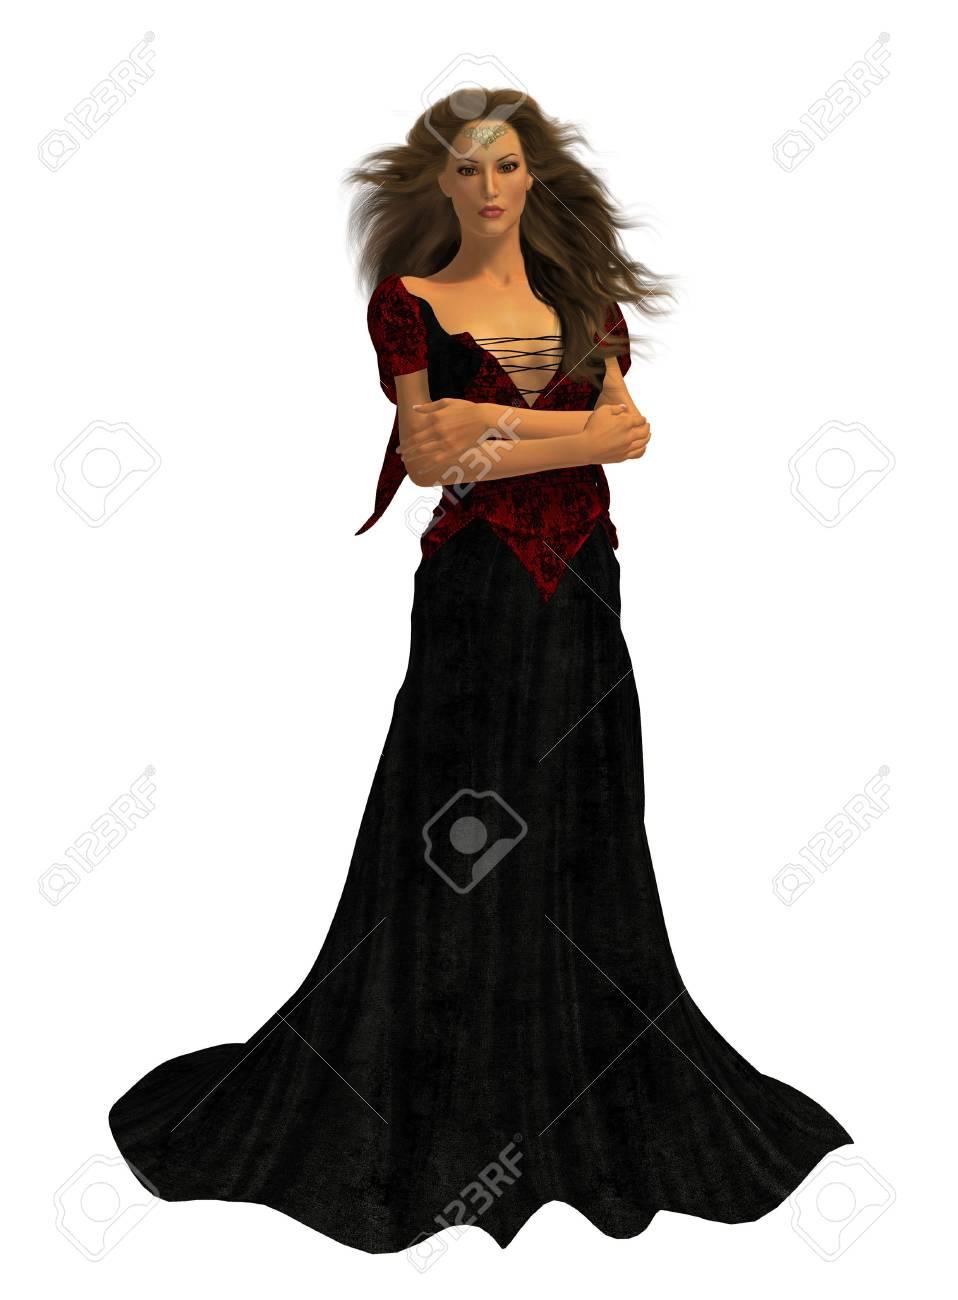 67f20715f02f5 Femme Habillée Dans Une Robe Banque D'Images Et Photos Libres De ...